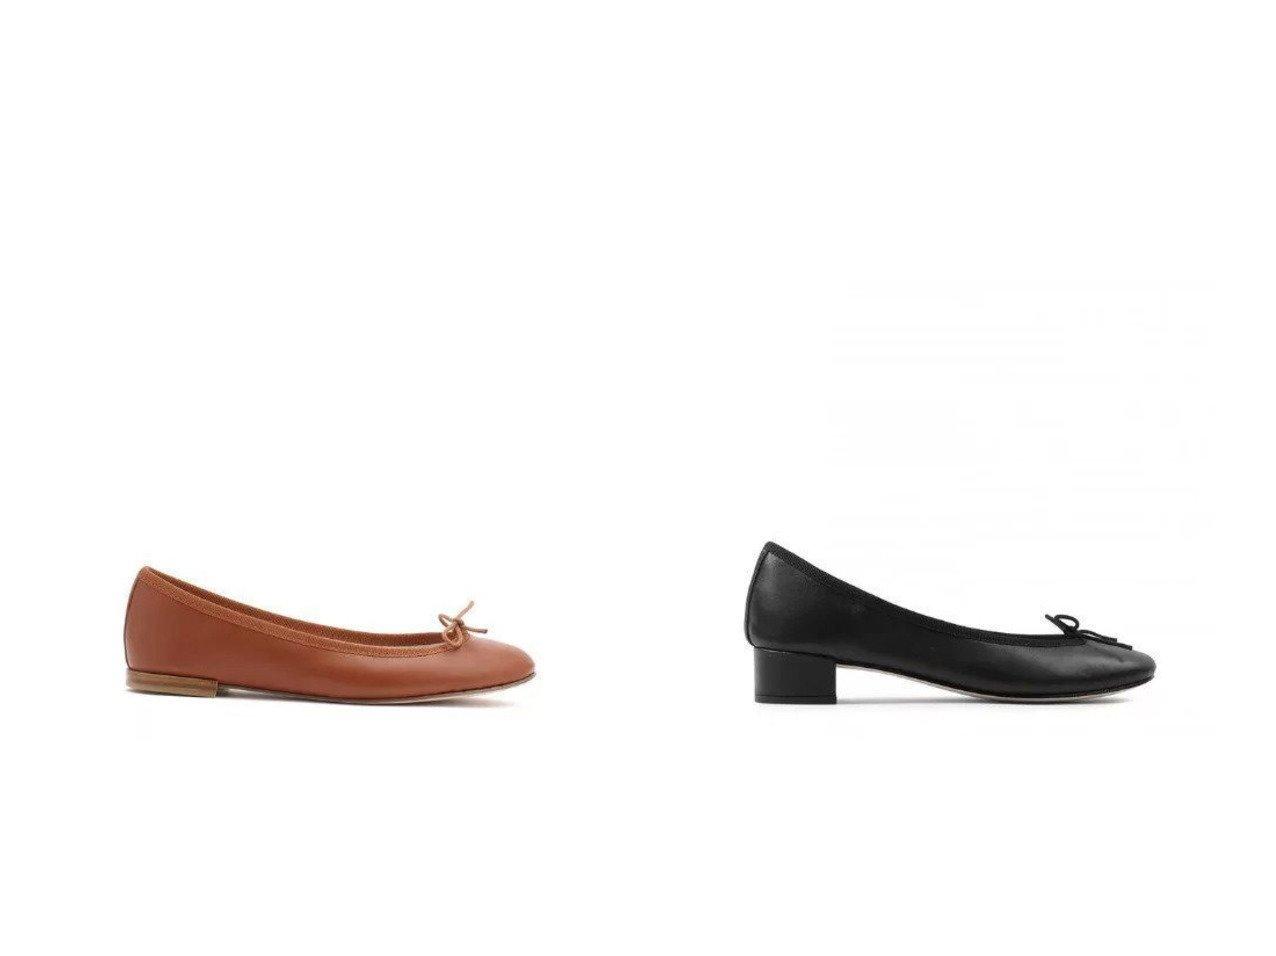 【repetto/レペット】のCendrillon Ballerinas&Camille Ballerinas 【シューズ・靴】おすすめ!人気トレンド・レディースファッション通販 おすすめで人気の流行・トレンド、ファッションの通販商品 インテリア・家具・メンズファッション・キッズファッション・レディースファッション・服の通販 founy(ファニー) https://founy.com/ ファッション Fashion レディースファッション WOMEN インソール キャンバス グログラン シューズ バレエ フラット レース |ID:crp329100000046505